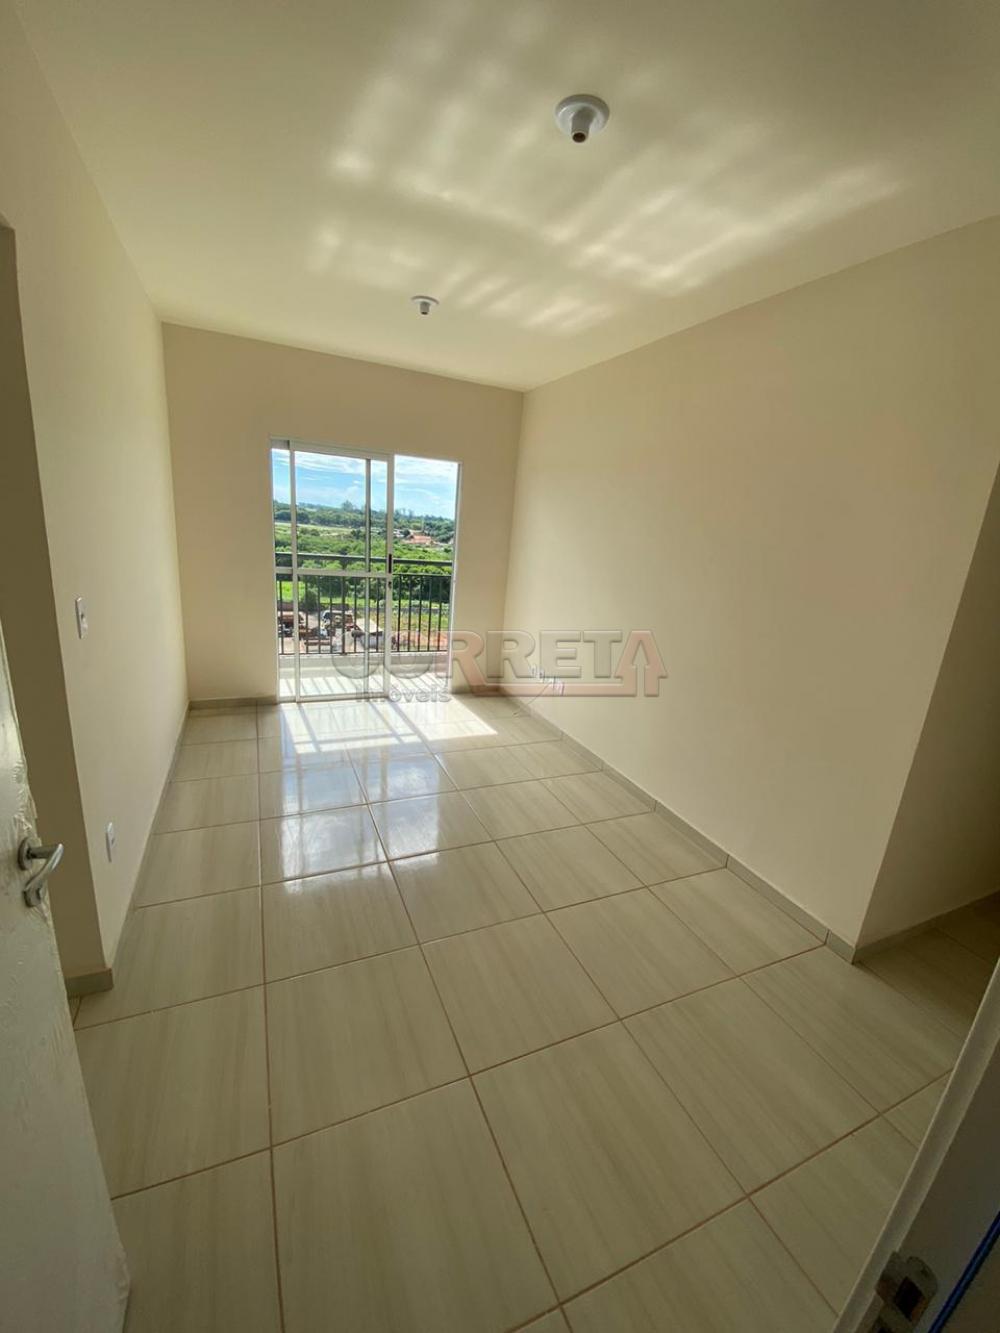 Comprar Apartamento / Padrão em Araçatuba apenas R$ 138.000,00 - Foto 1